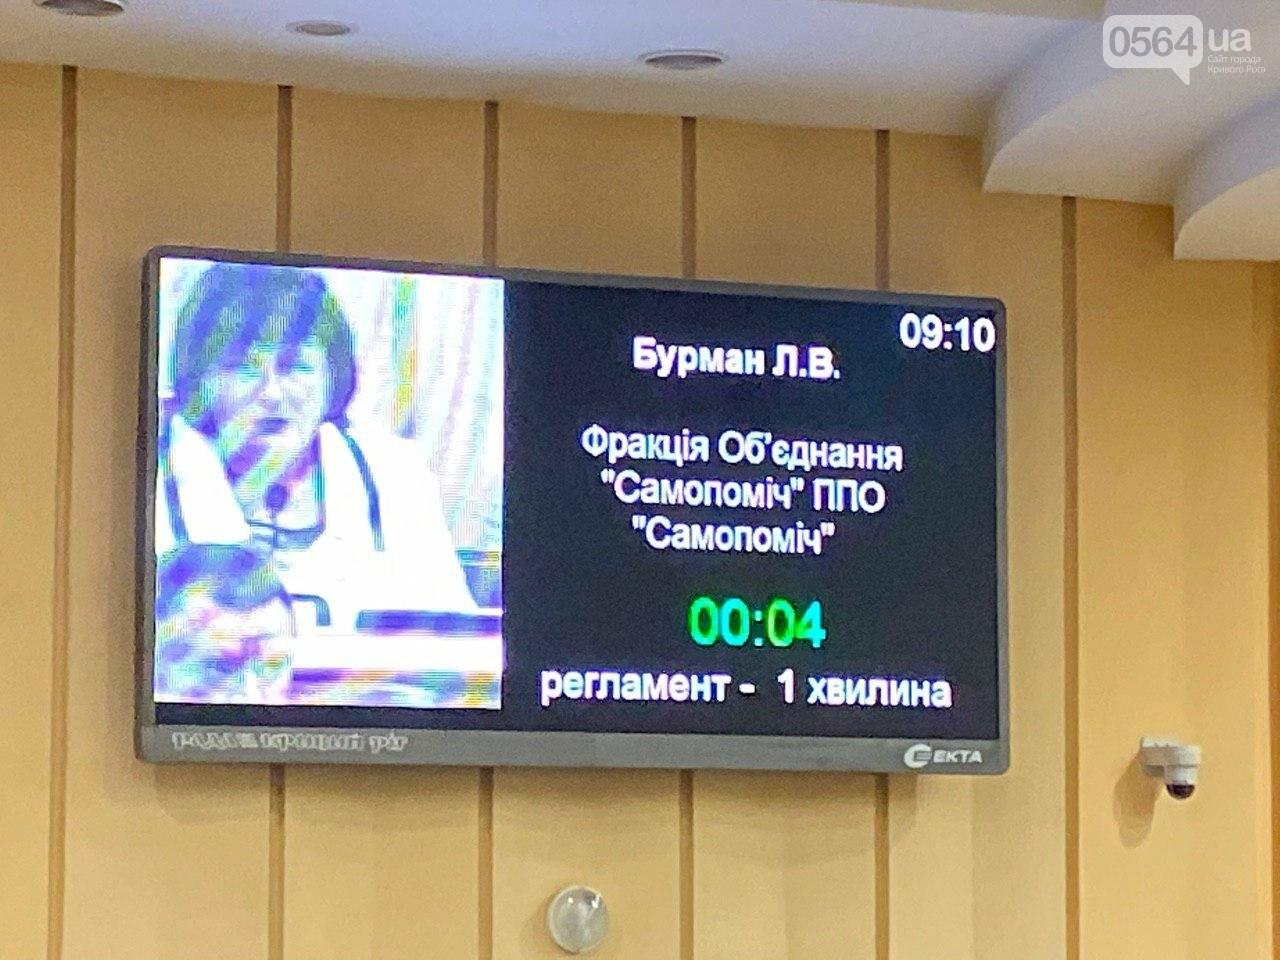 """В Кривом Роге с """"ганьбой"""" внесли изменения в комиссию по памятникам, фото-1"""